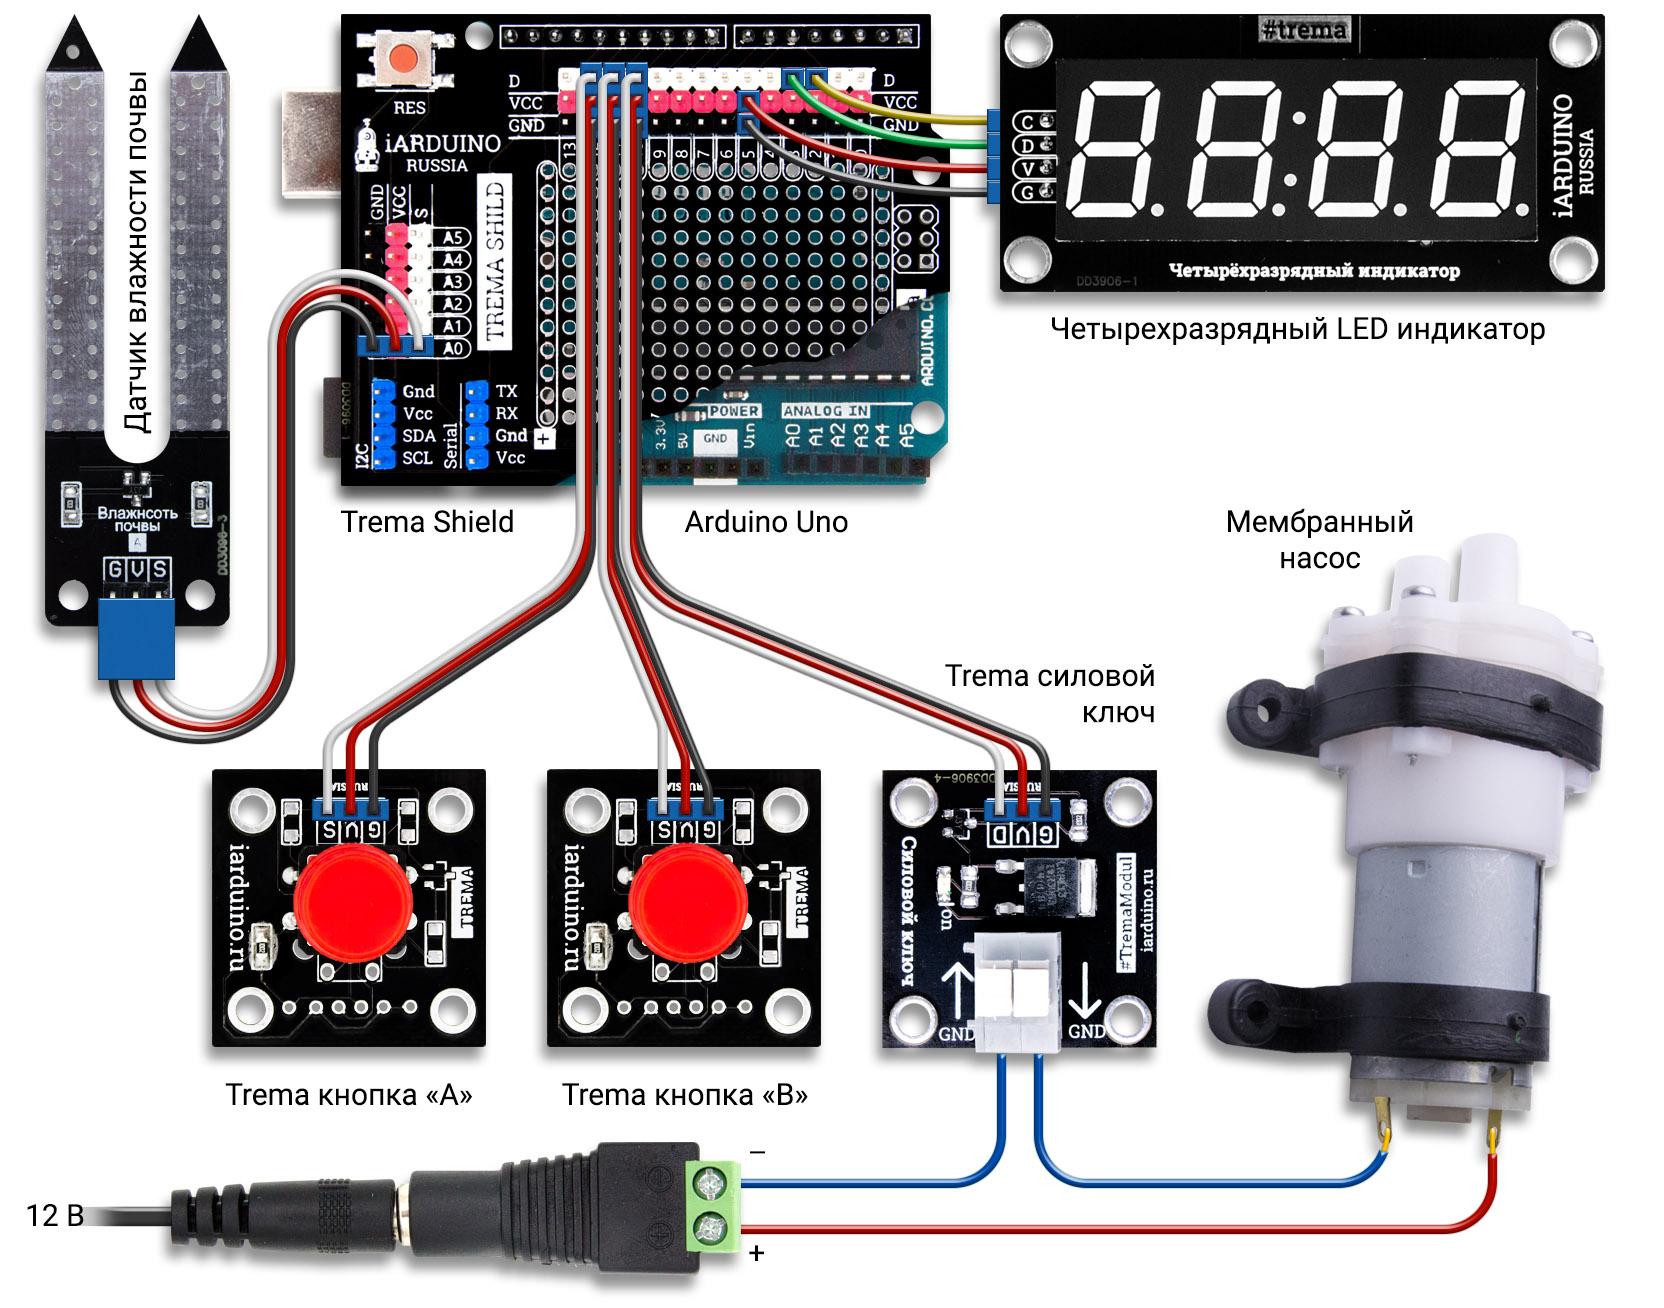 Схема автоматического полива растений на Arduino Uno